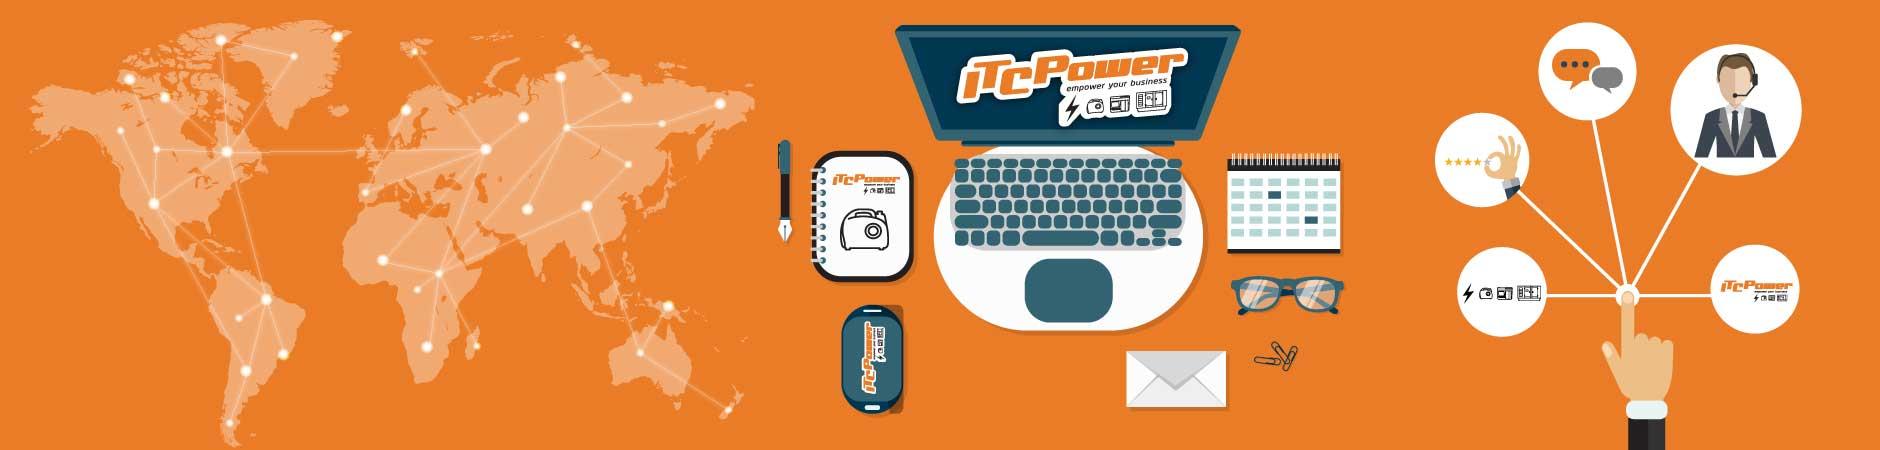 Distribuidor ITCPWER